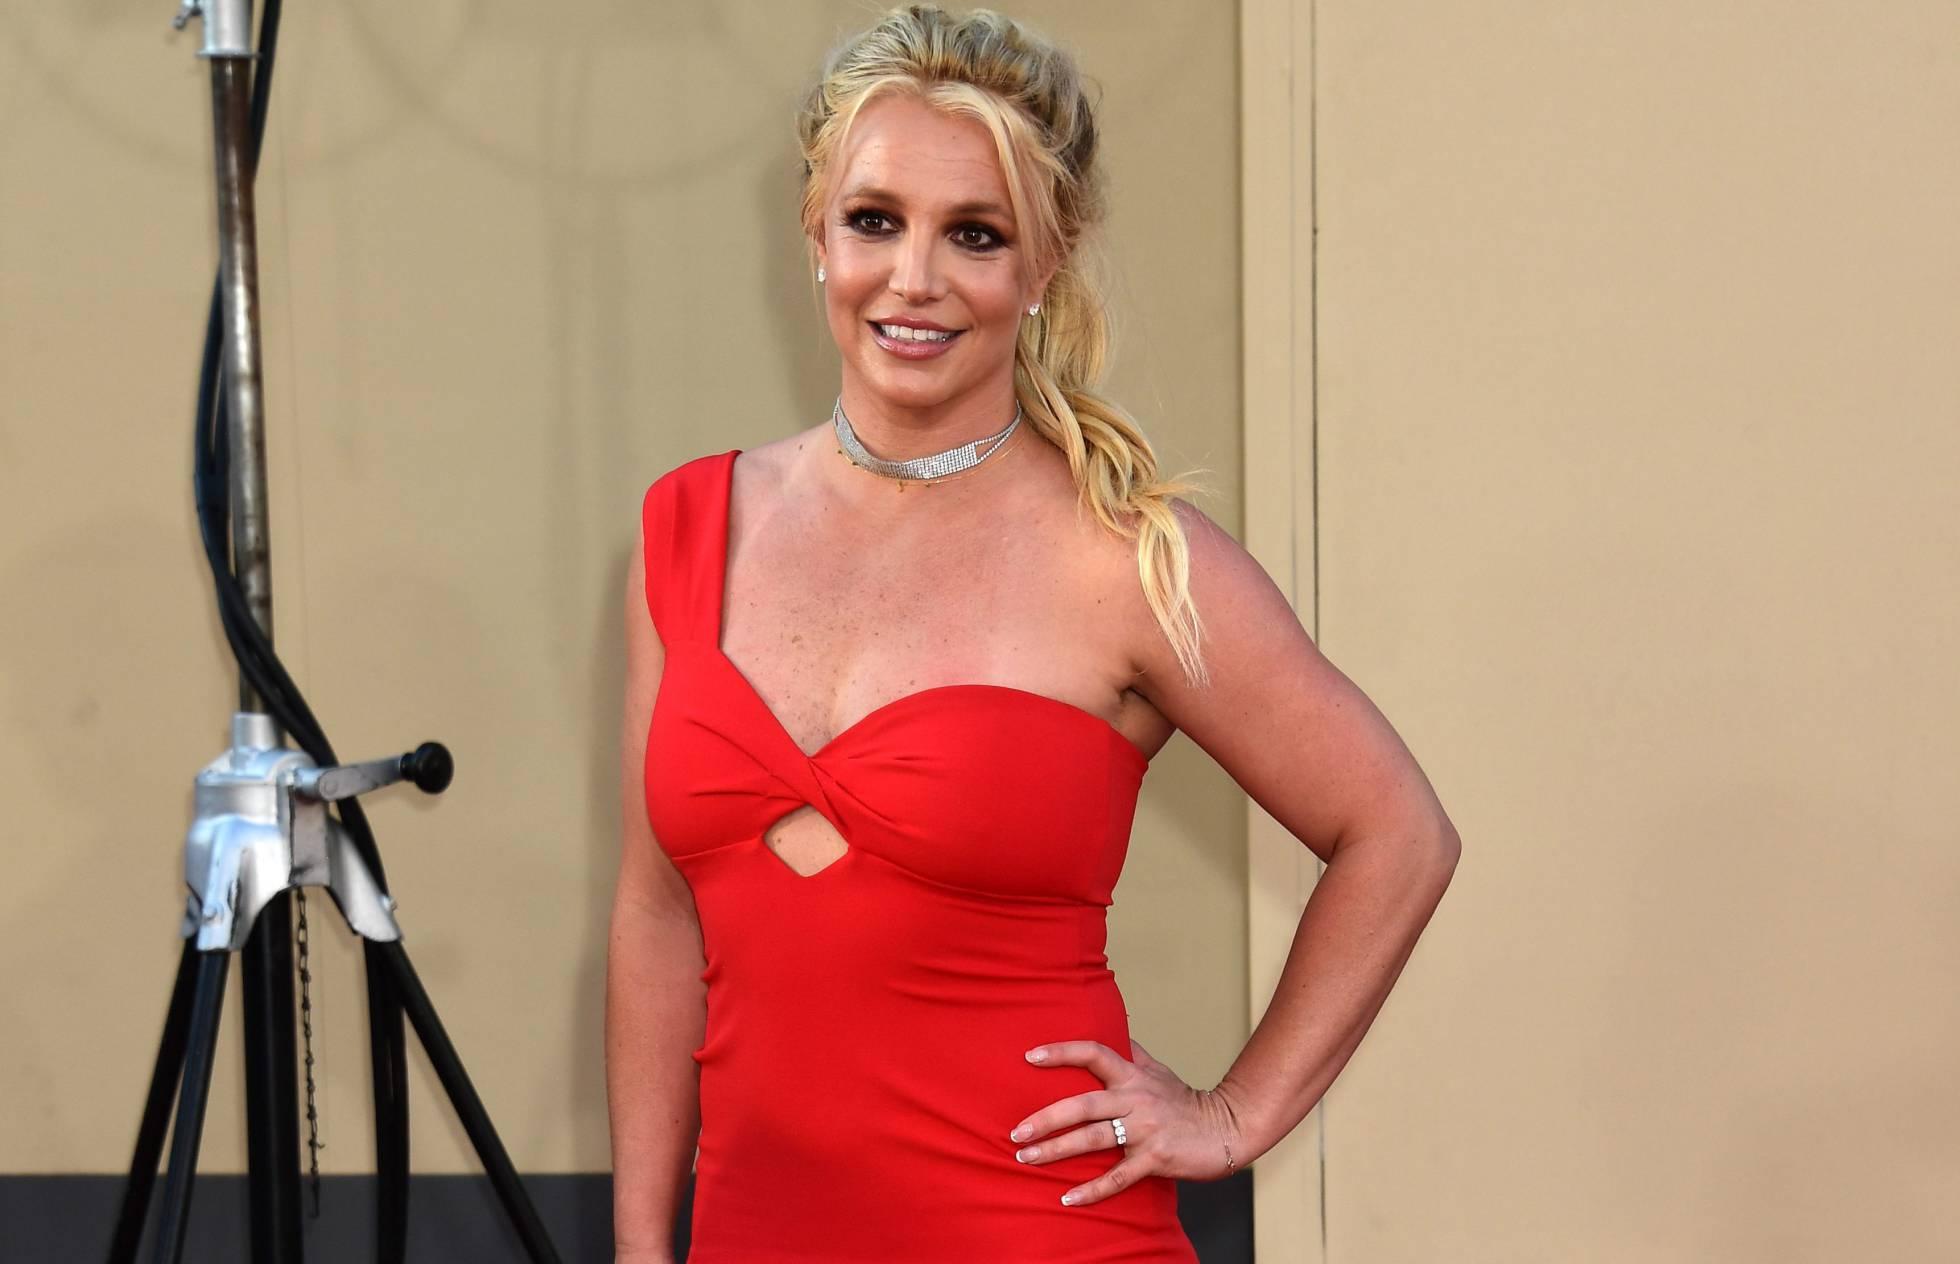 Un juez reduce a Britney Spears la custodia de sus hijos